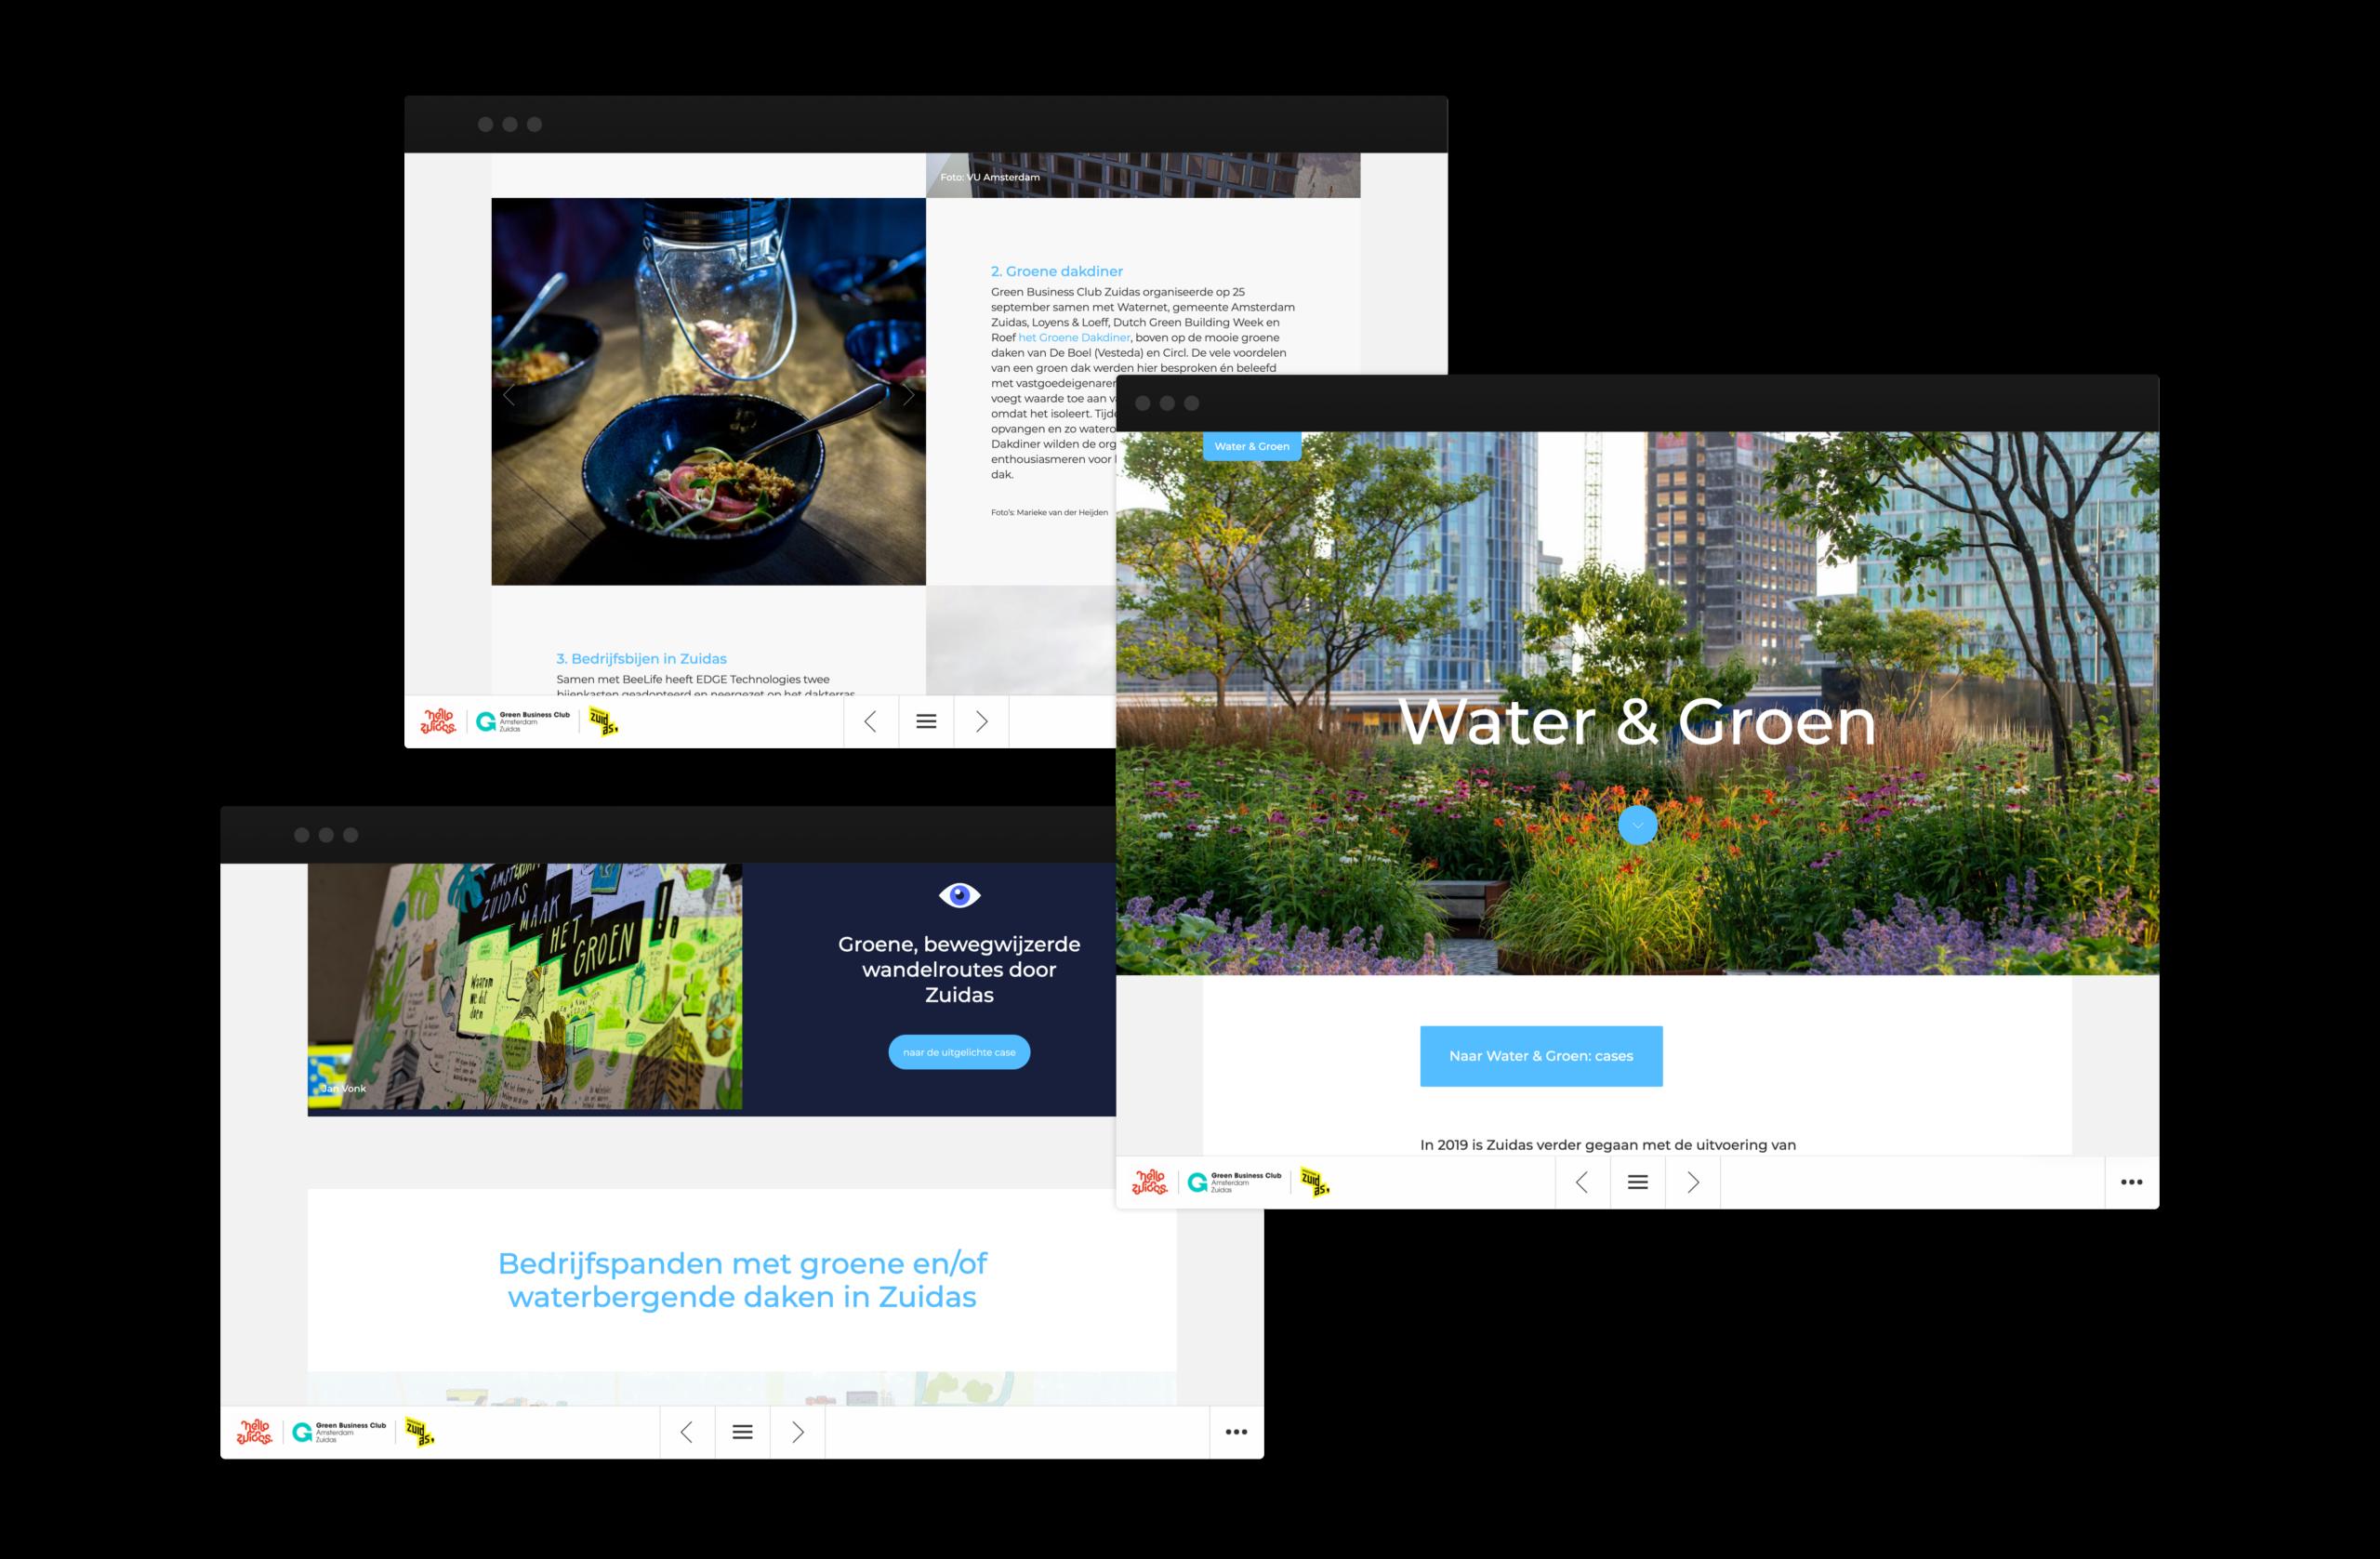 DG_Hello-Zuidas_Duurzaamheidsverslag_kleuren